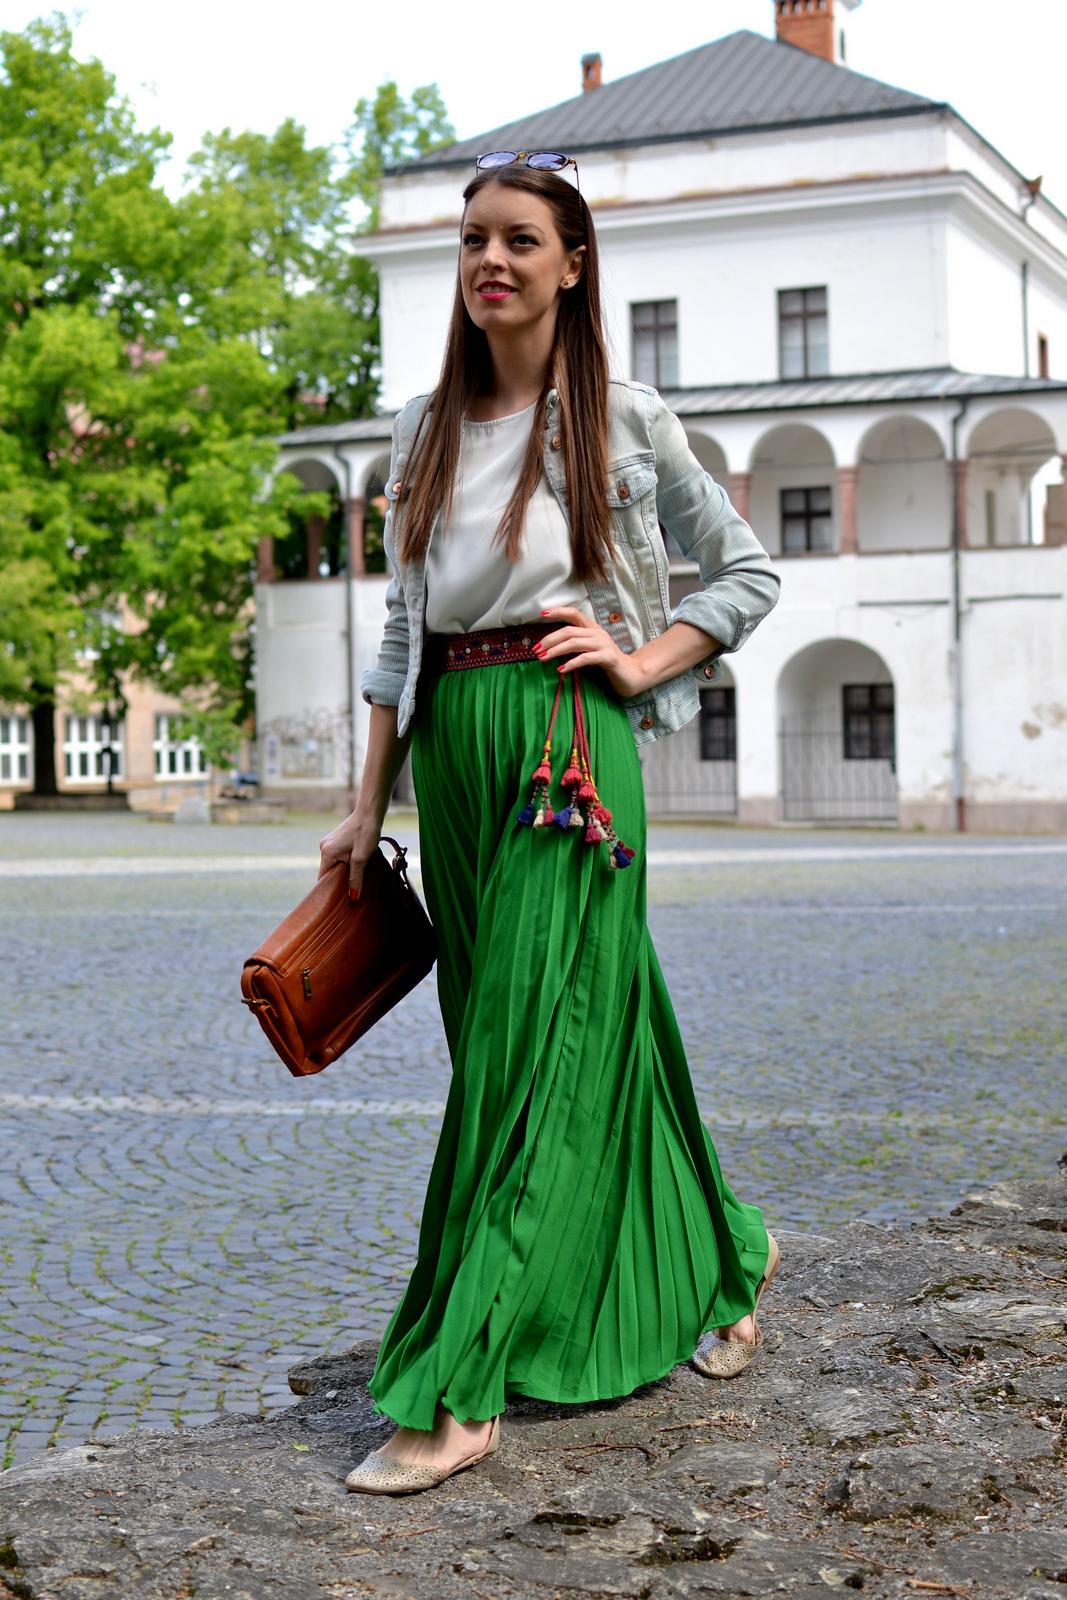 http://www.mademoiselleiva.com/2016/05/green-maxi-skirt.html